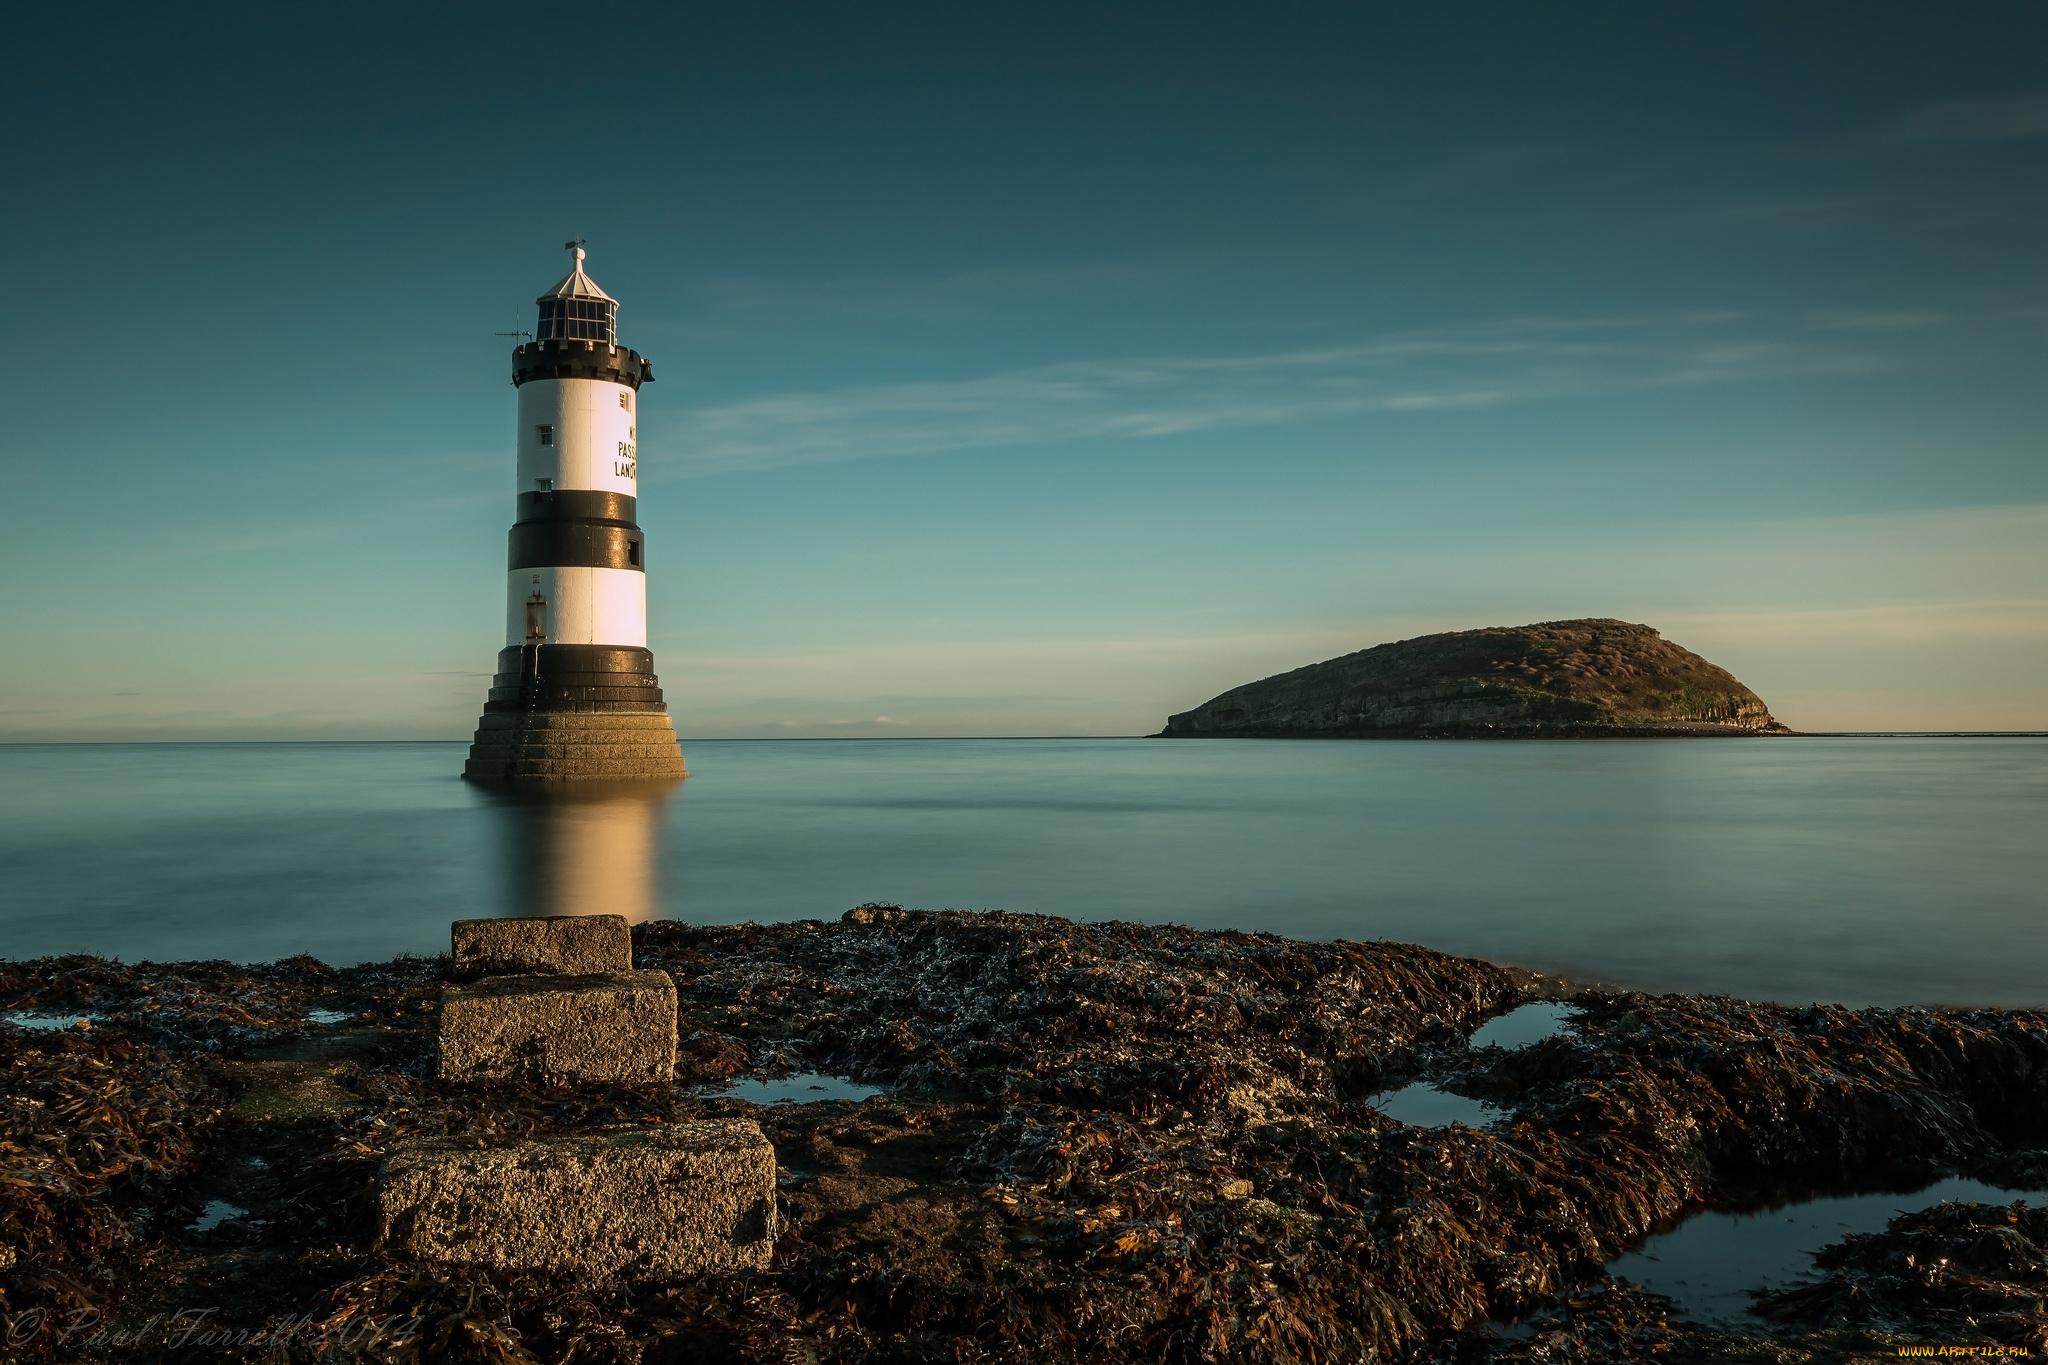 маяк в океане фото менее